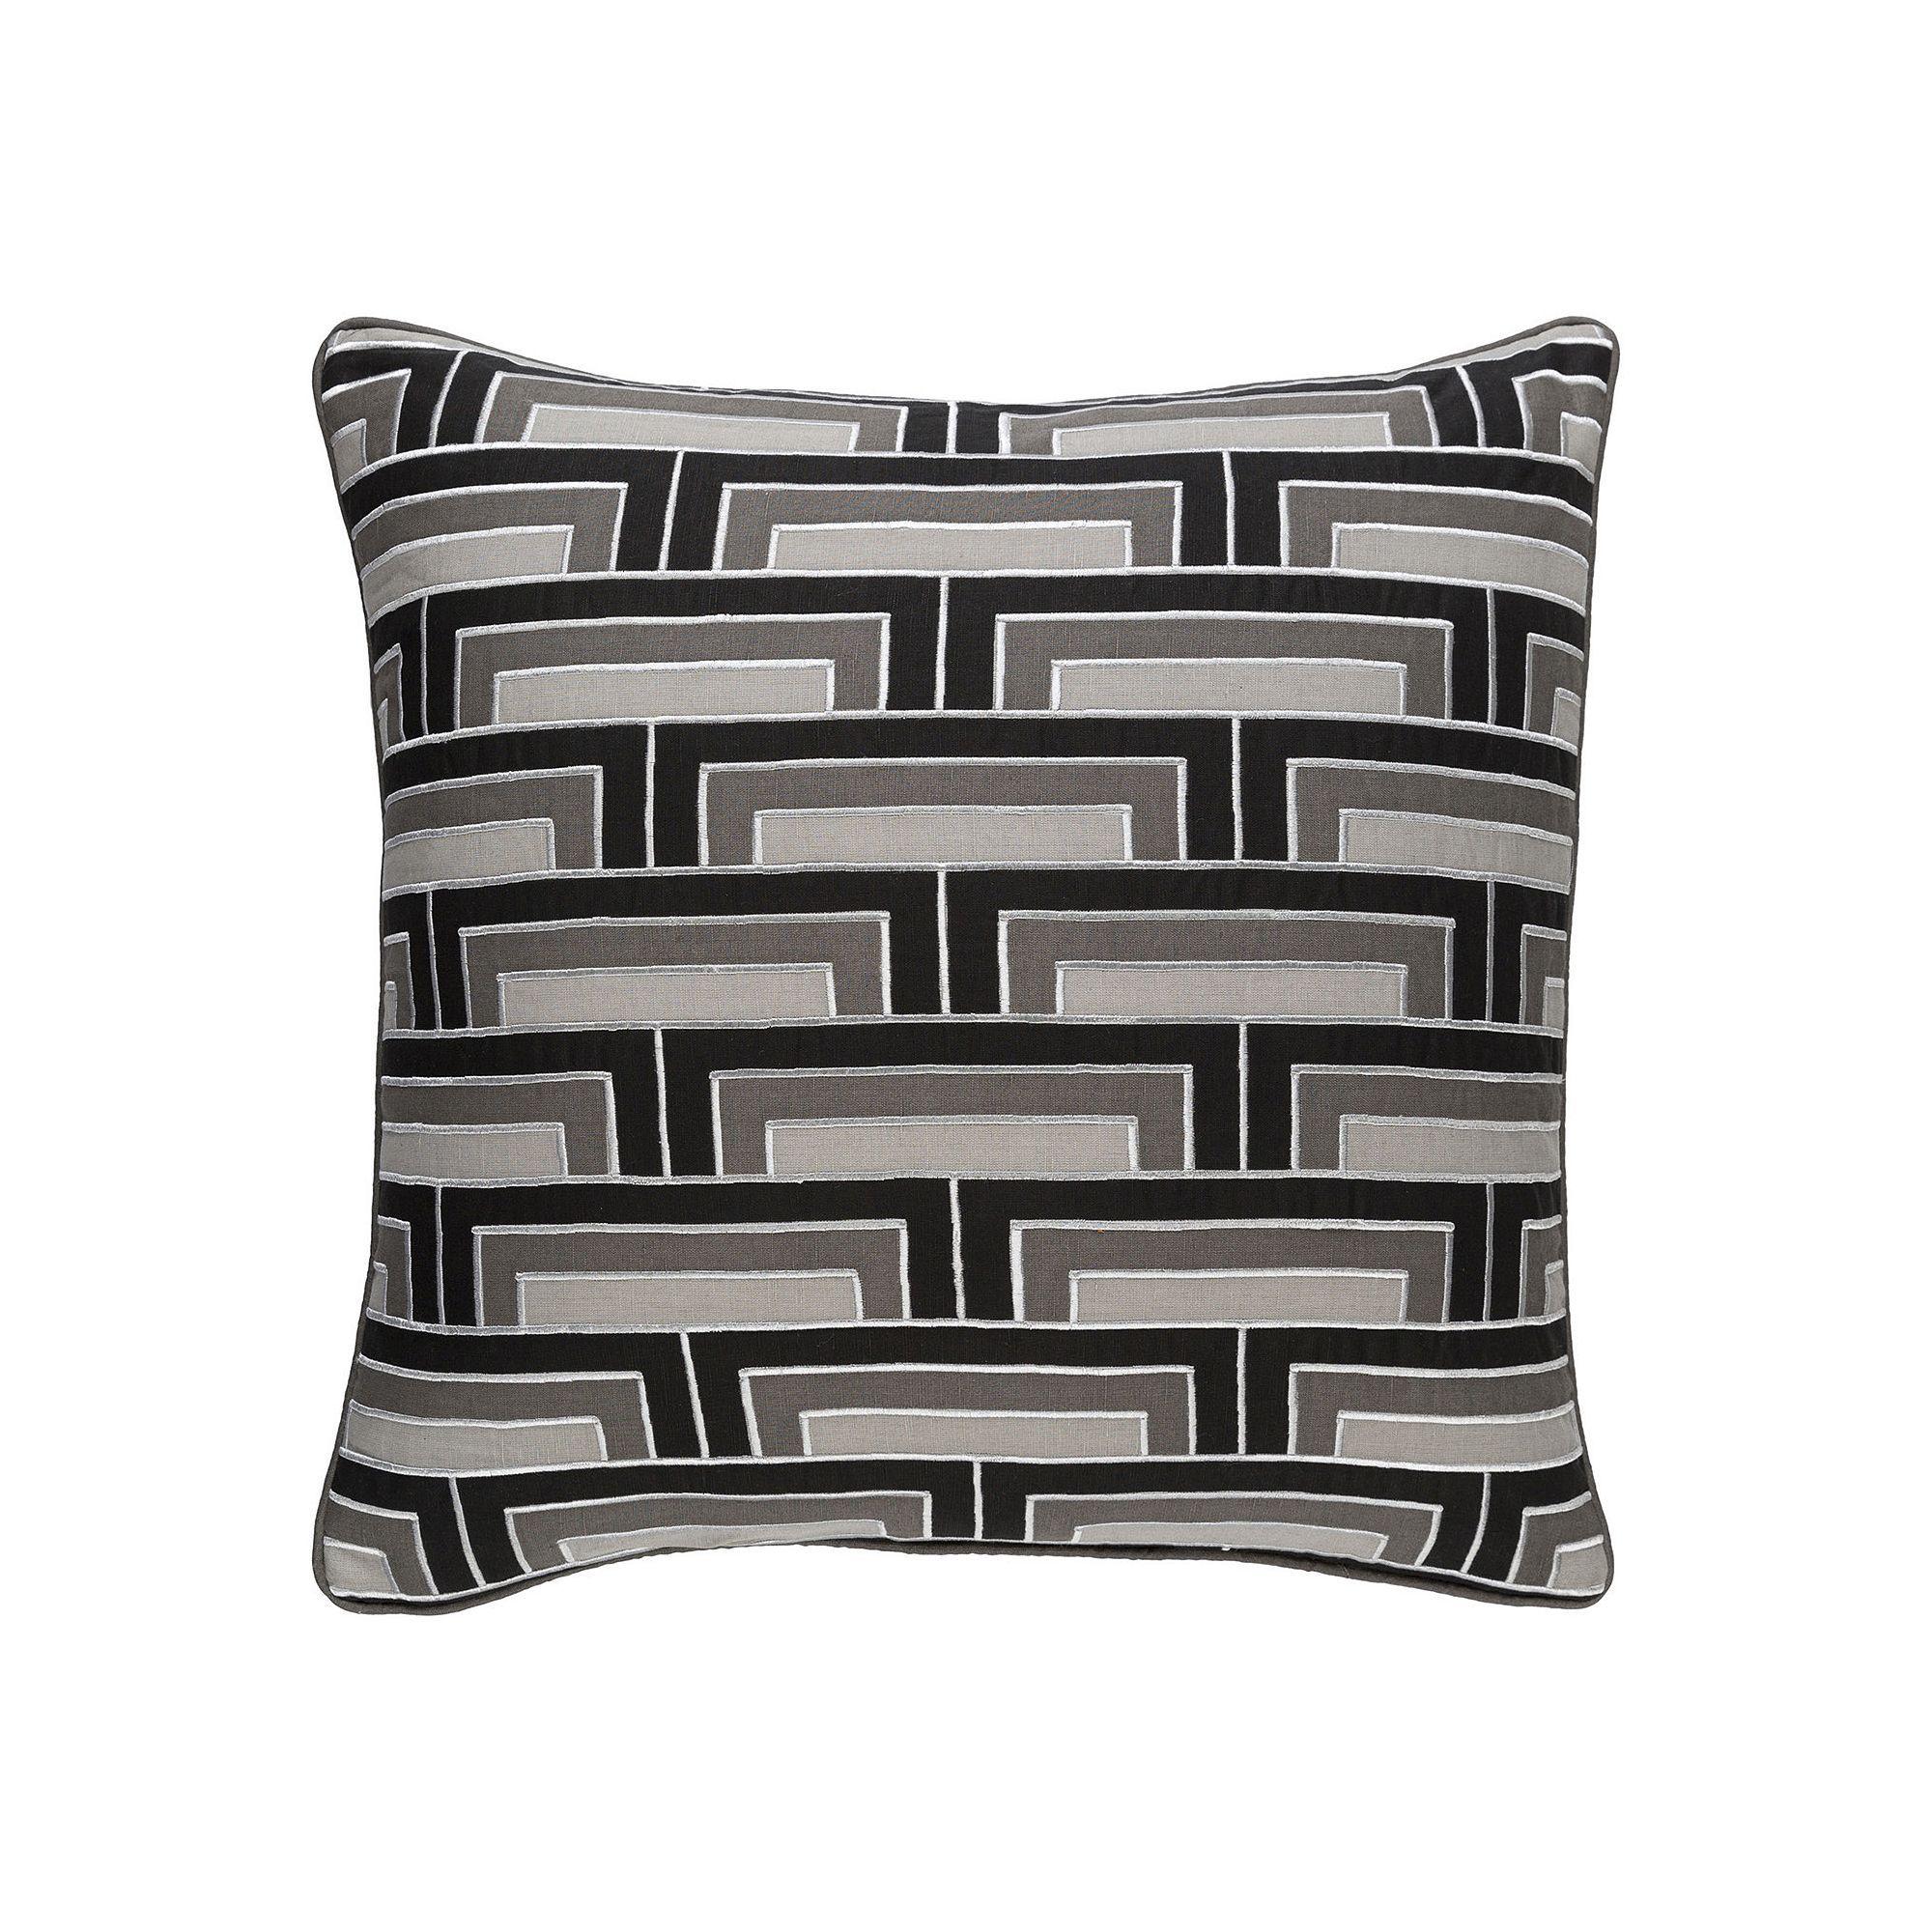 Decor 140 Alluvia Throw Pillow, Black